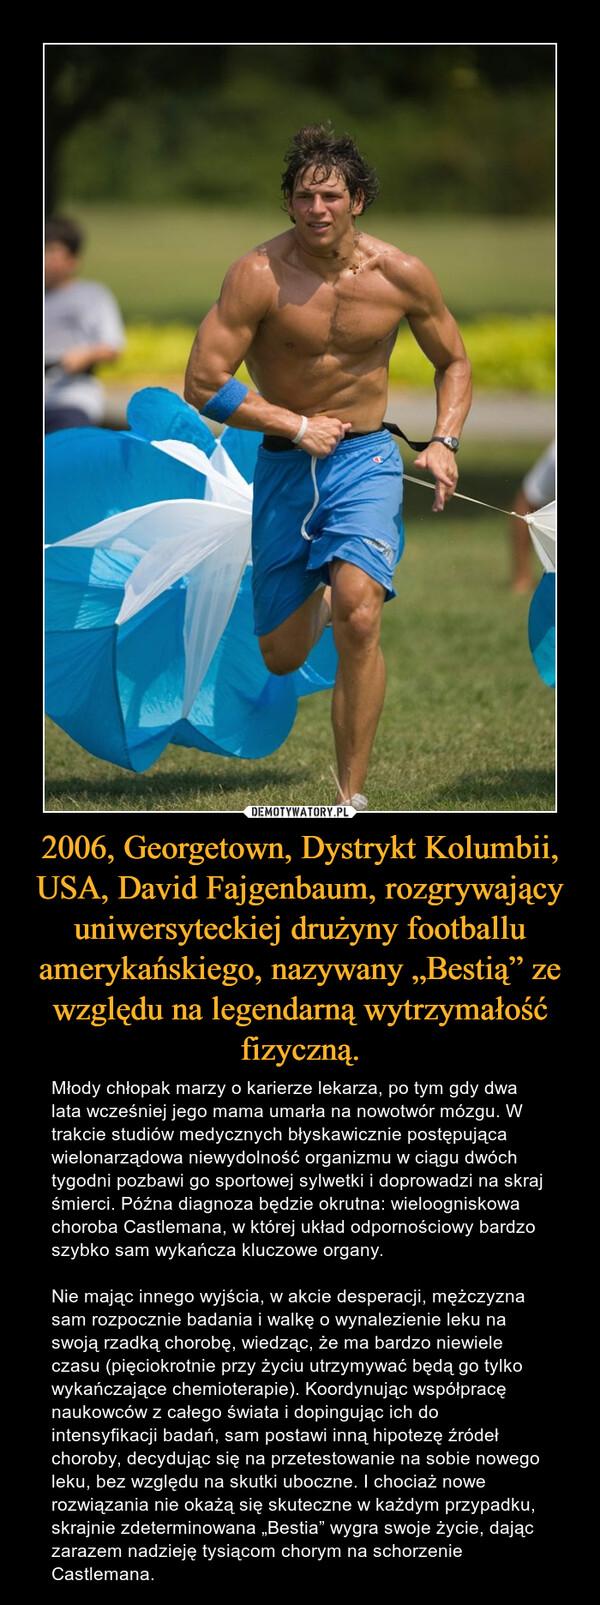 """2006, Georgetown, Dystrykt Kolumbii, USA, David Fajgenbaum, rozgrywający uniwersyteckiej drużyny footballu amerykańskiego, nazywany """"Bestią"""" ze względu na legendarną wytrzymałość fizyczną. – Młody chłopak marzy o karierze lekarza, po tym gdy dwa lata wcześniej jego mama umarła na nowotwór mózgu. W trakcie studiów medycznych błyskawicznie postępująca wielonarządowa niewydolność organizmu w ciągu dwóch tygodni pozbawi go sportowej sylwetki i doprowadzi na skraj śmierci. Późna diagnoza będzie okrutna: wieloogniskowa choroba Castlemana, w której układ odpornościowy bardzo szybko sam wykańcza kluczowe organy. Nie mając innego wyjścia, w akcie desperacji, mężczyzna sam rozpocznie badania i walkę o wynalezienie leku na swoją rzadką chorobę, wiedząc, że ma bardzo niewiele czasu (pięciokrotnie przy życiu utrzymywać będą go tylko wykańczające chemioterapie). Koordynując współpracę naukowców z całego świata i dopingując ich do intensyfikacji badań, sam postawi inną hipotezę źródeł choroby, decydując się na przetestowanie na sobie nowego leku, bez względu na skutki uboczne. I chociaż nowe rozwiązania nie okażą się skuteczne w każdym przypadku, skrajnie zdeterminowana """"Bestia"""" wygra swoje życie, dając zarazem nadzieję tysiącom chorym na schorzenie Castlemana."""